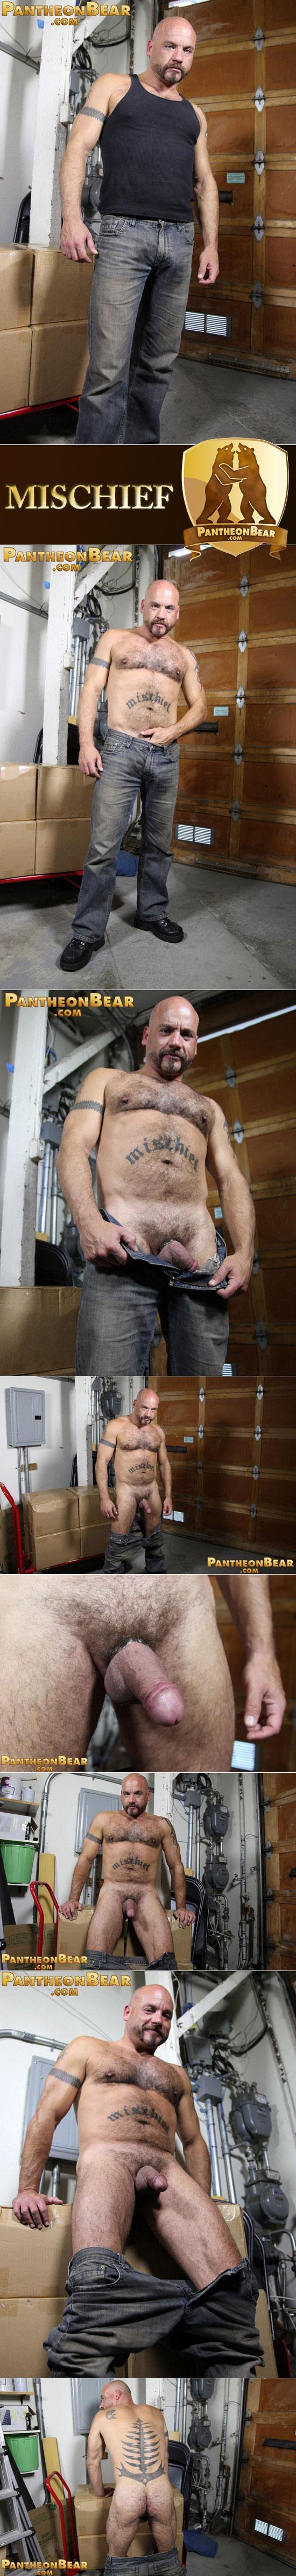 Hot muscle bear Mischief